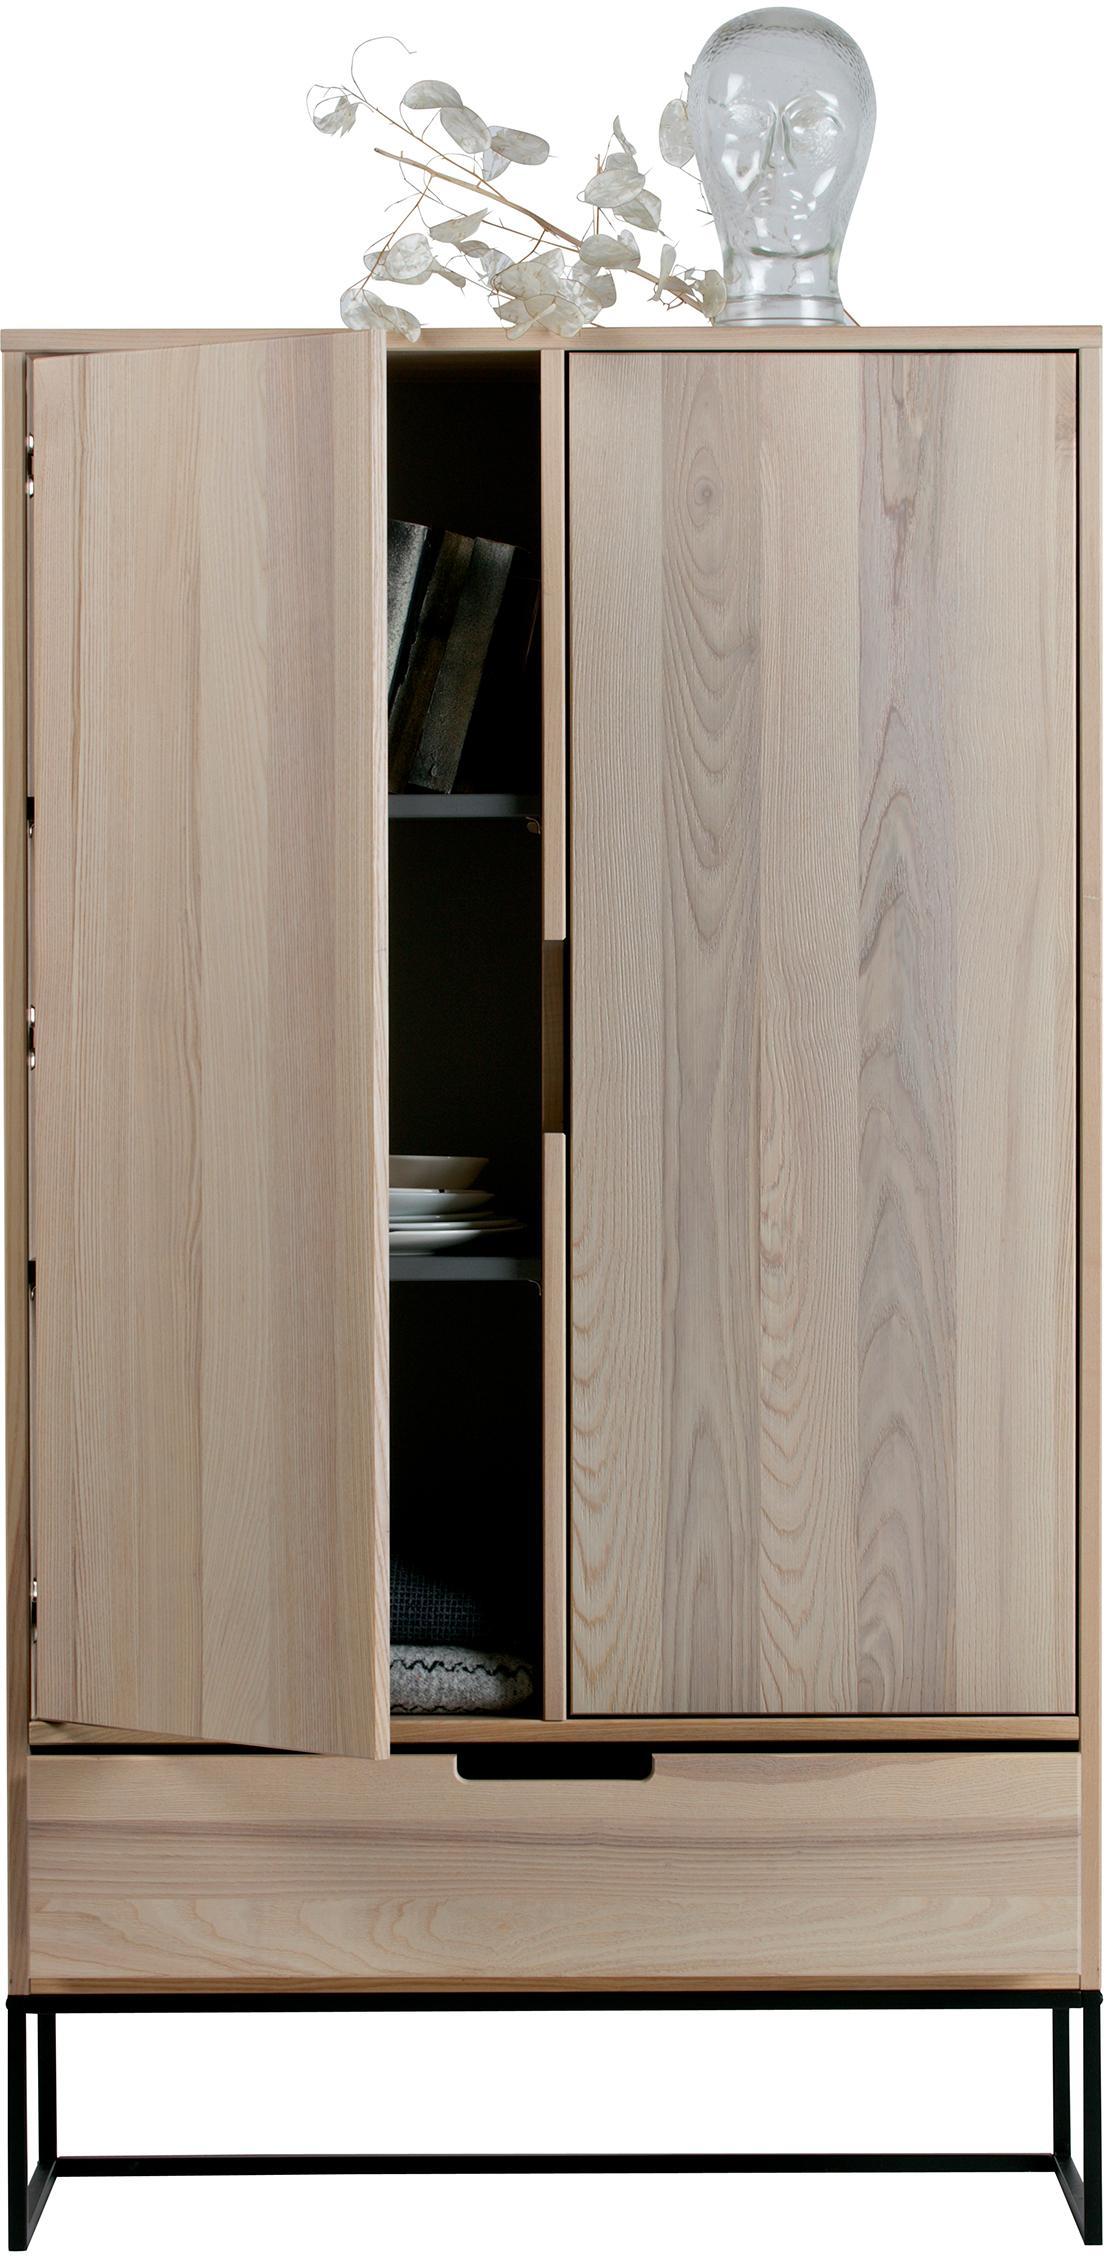 Highboard Silas, Korpus: Eschenholz, gebürstet und, Füße: Metall, lackiert, Beige, 85 x 149 cm